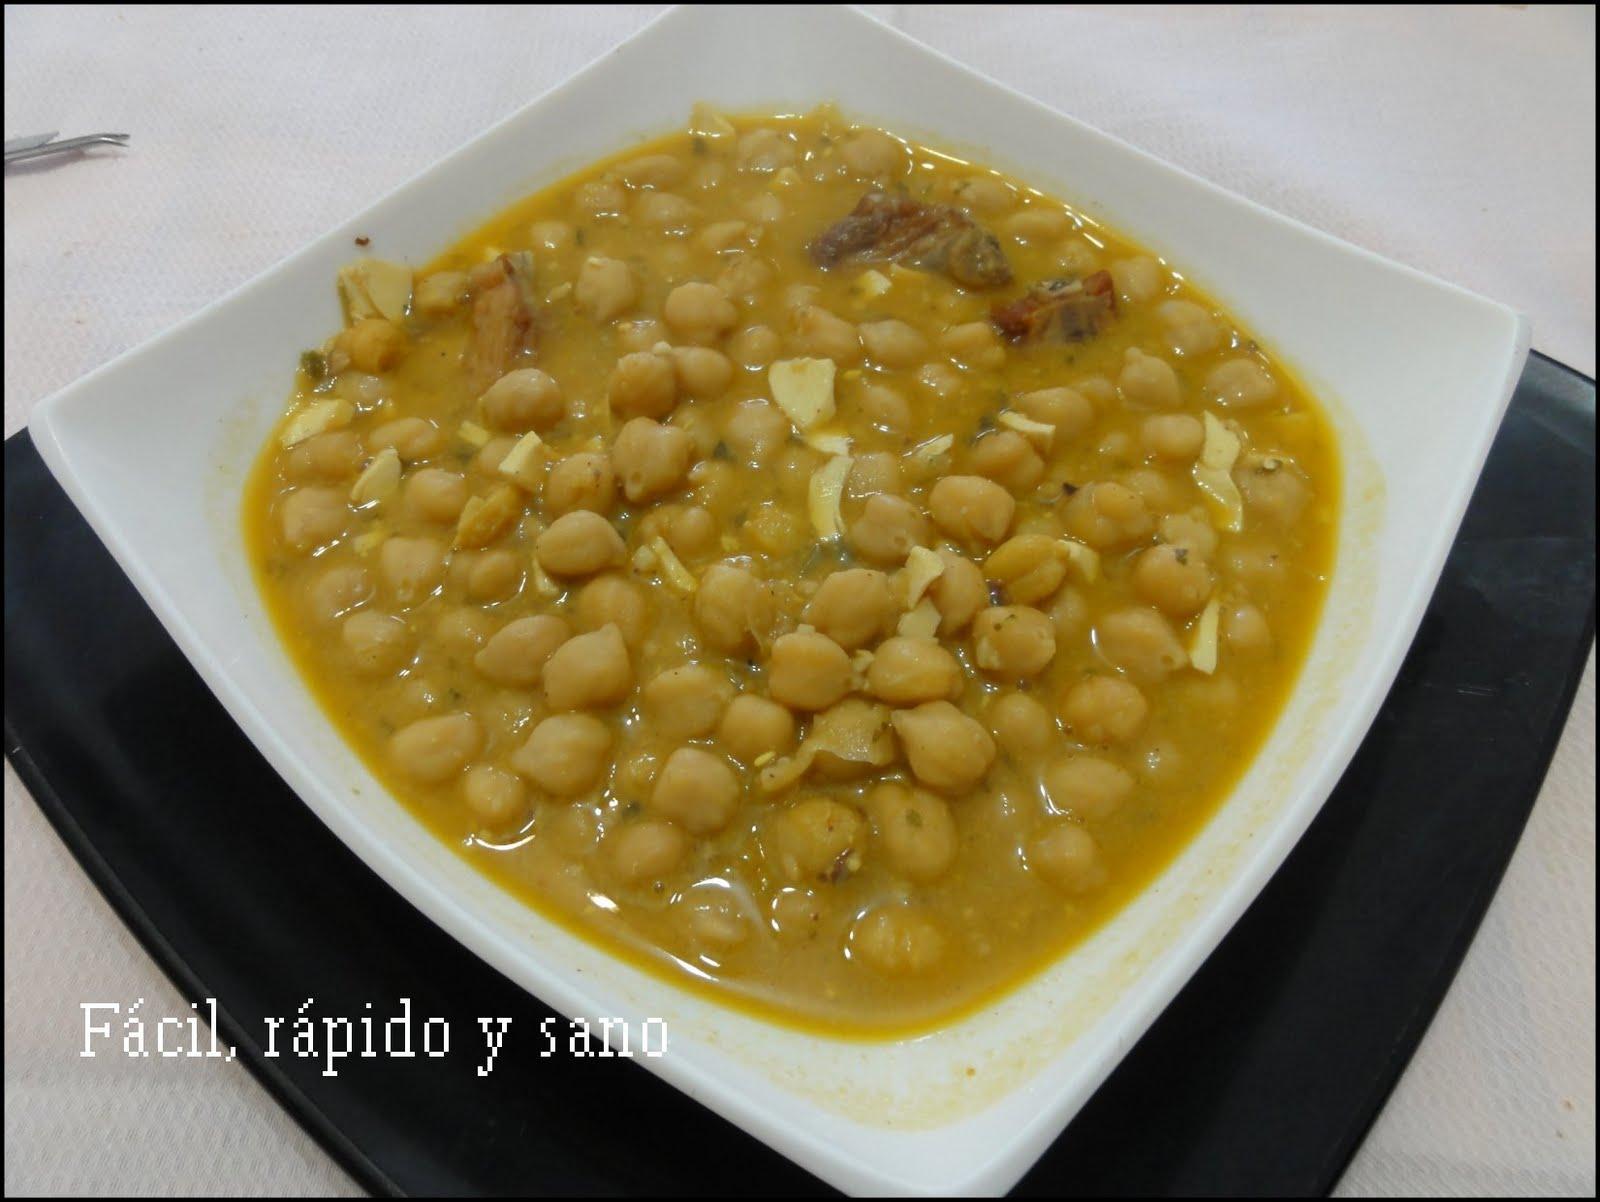 F cil r pido y sano cocina para gente sin tiempo - Preparacion de garbanzos cocidos ...